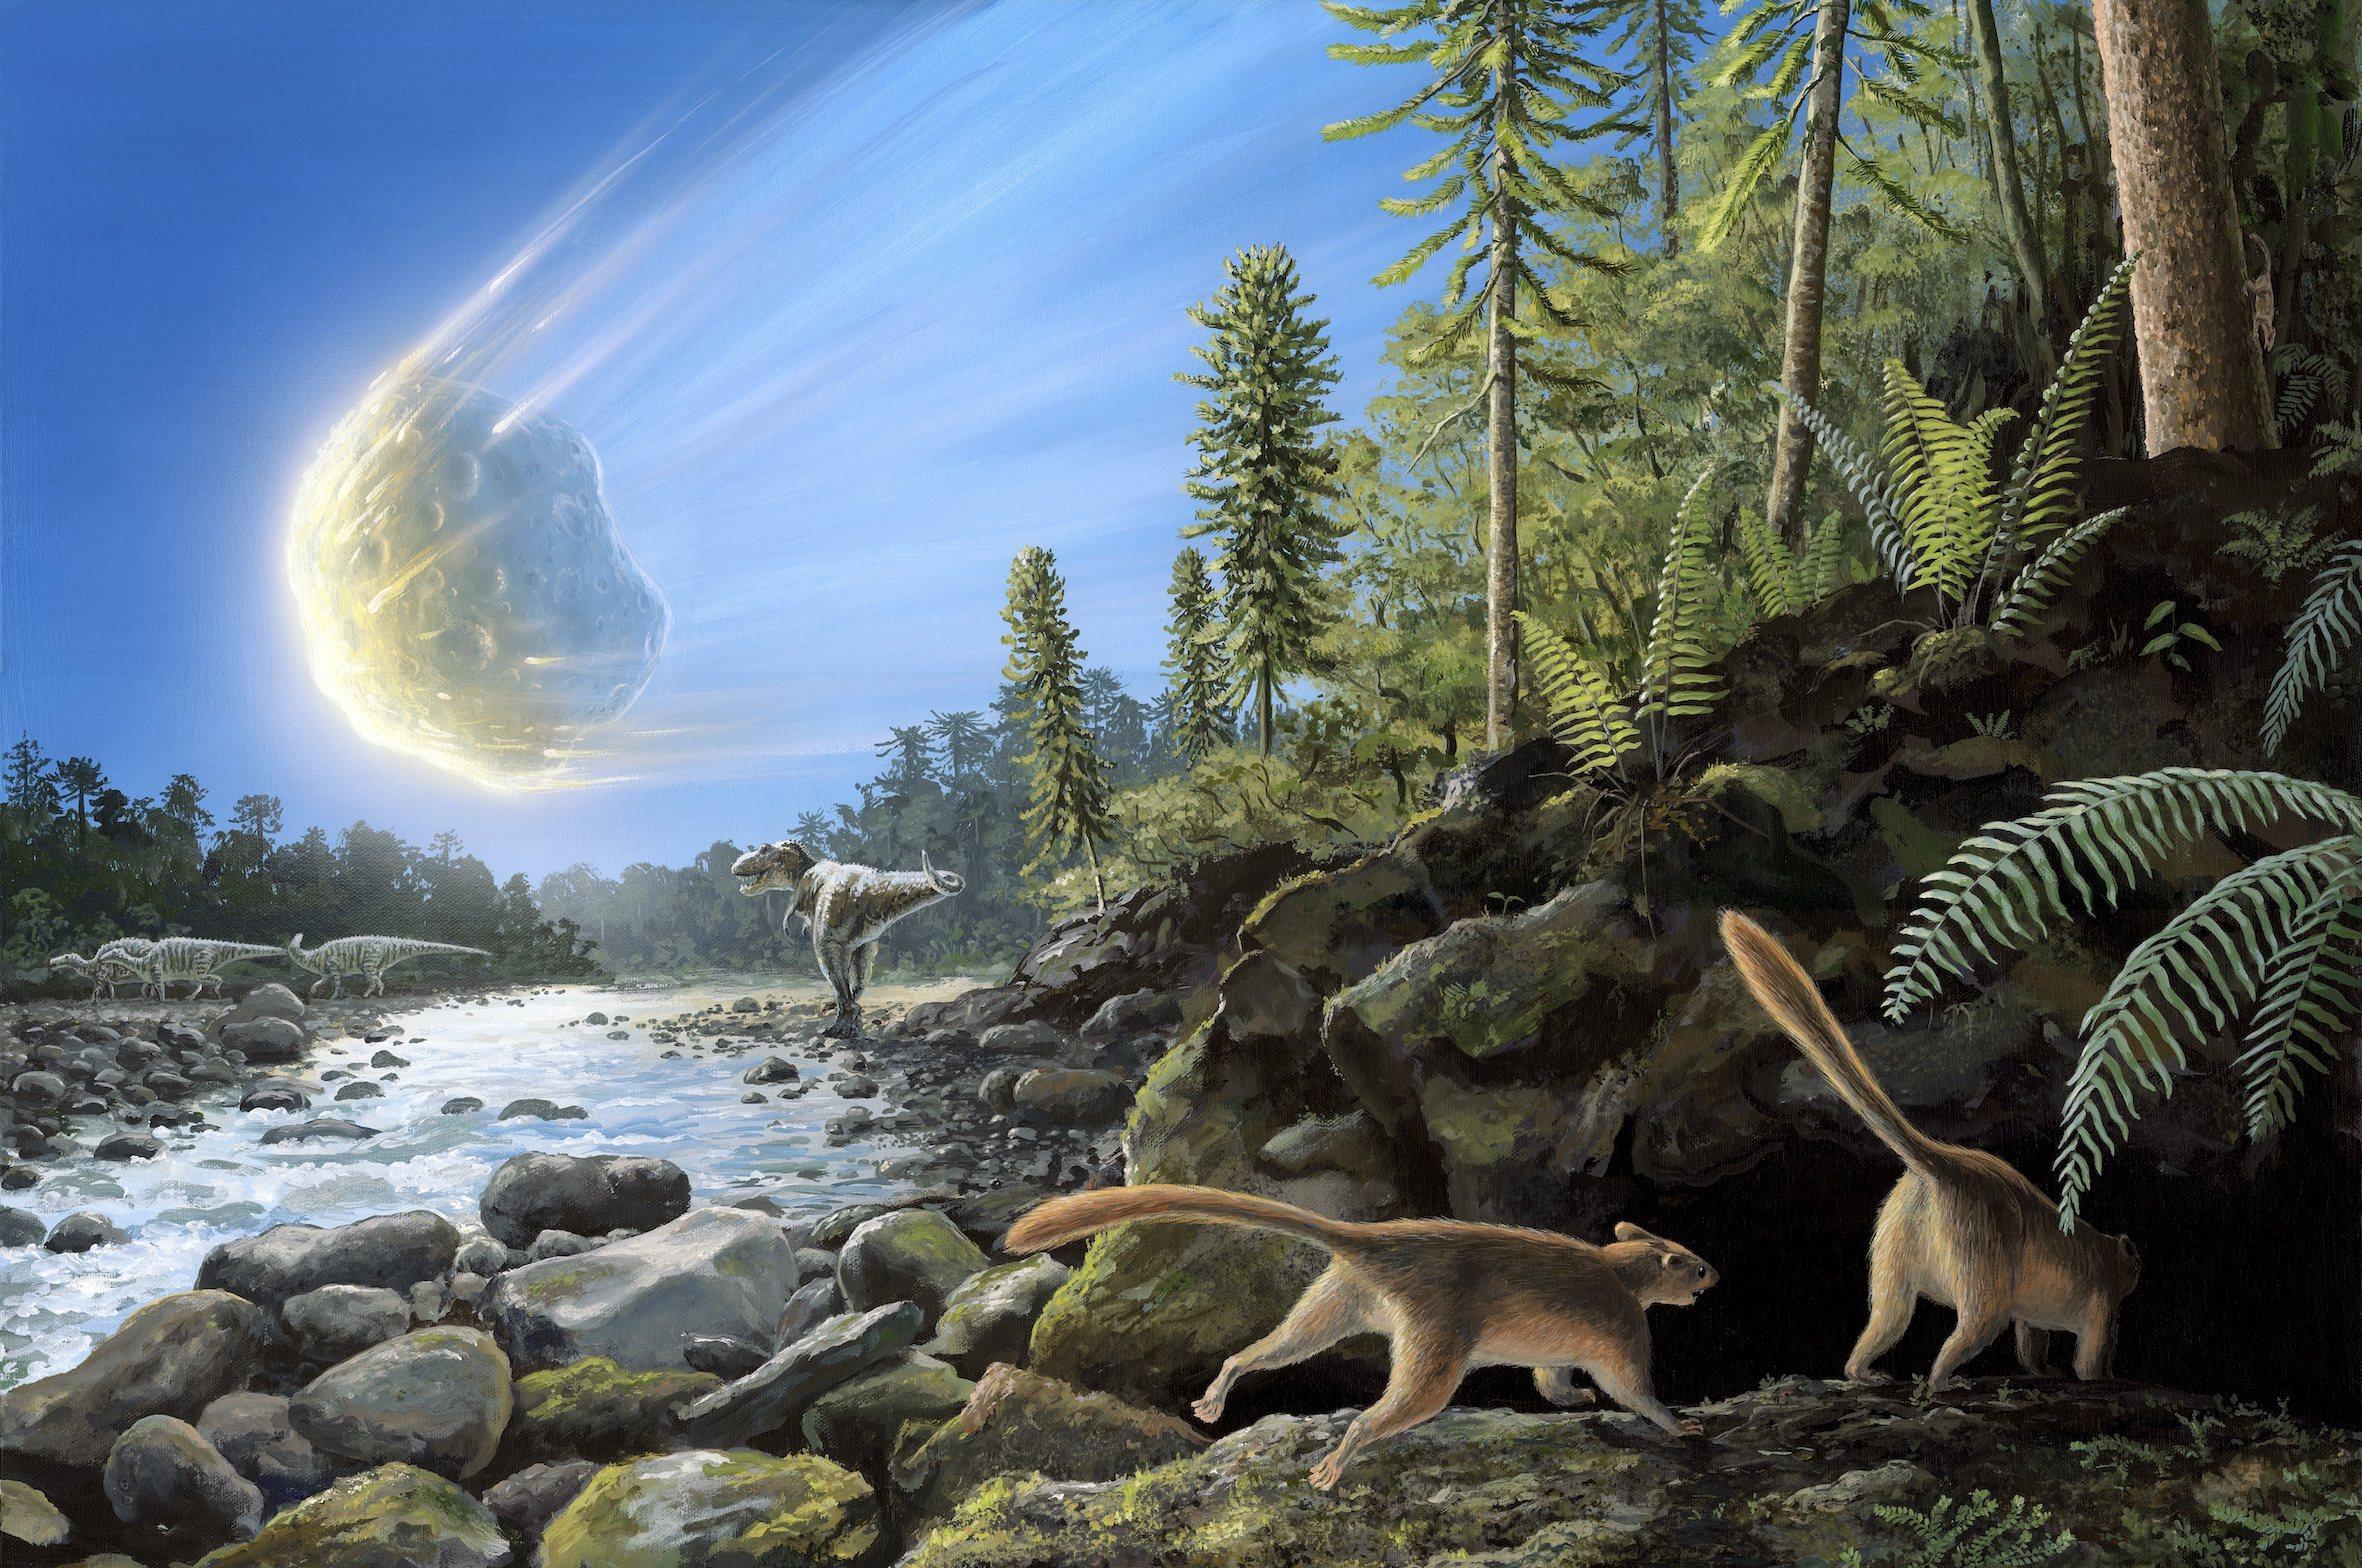 Was het een komeet of een asteroïde die de dino's uitroeide? En waarom is dat belangrijk? - Business AM - NL